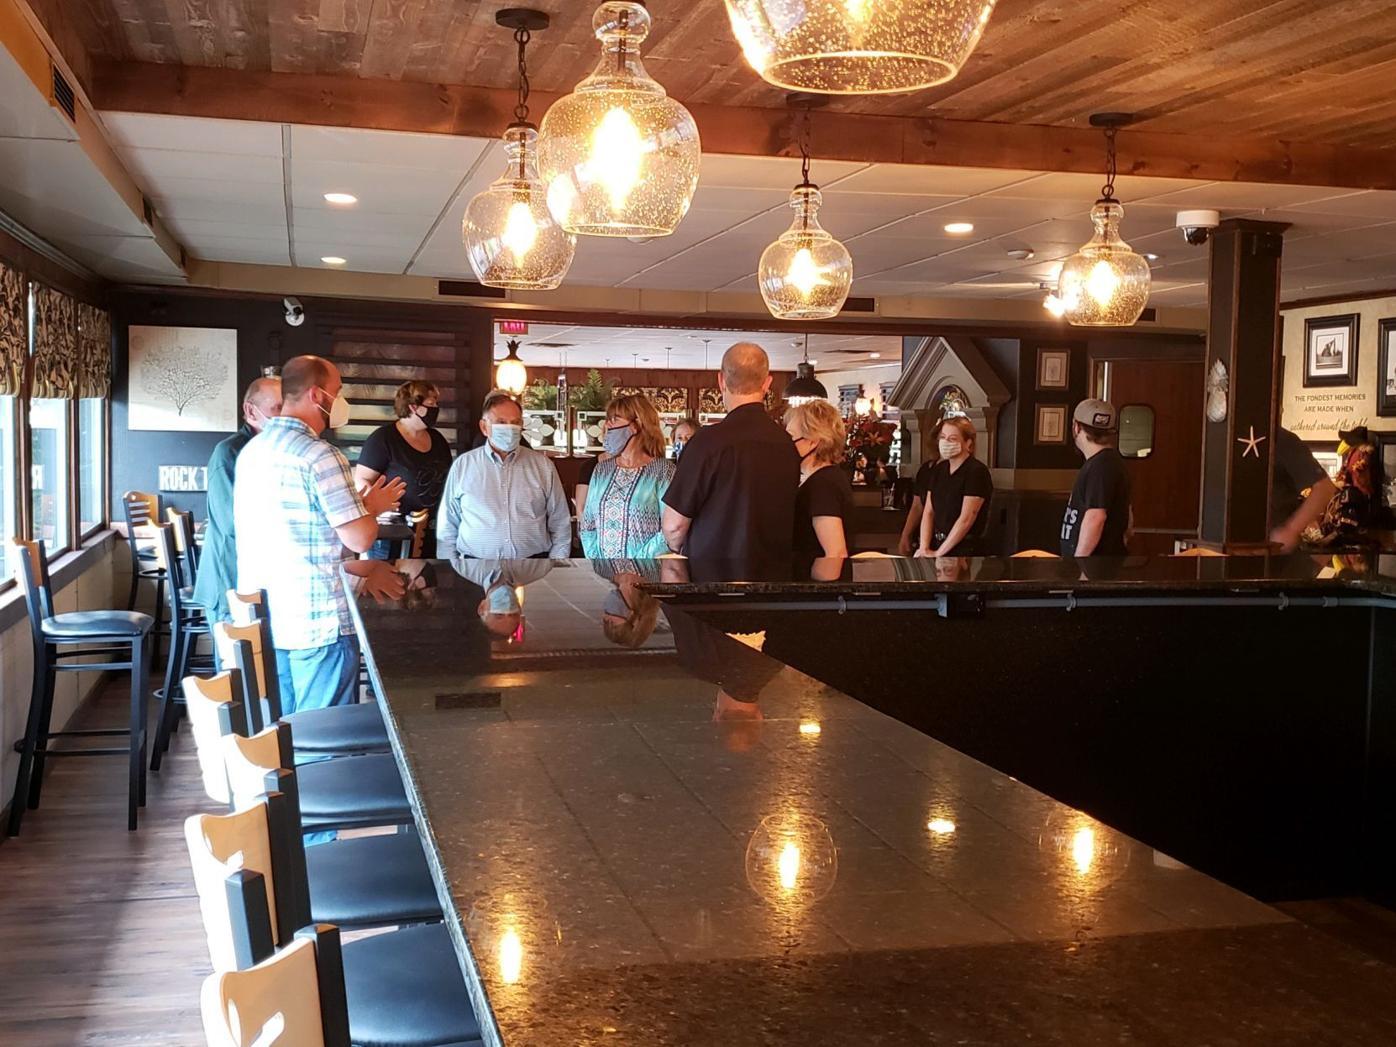 Baker's Restaurant re-open after August flood